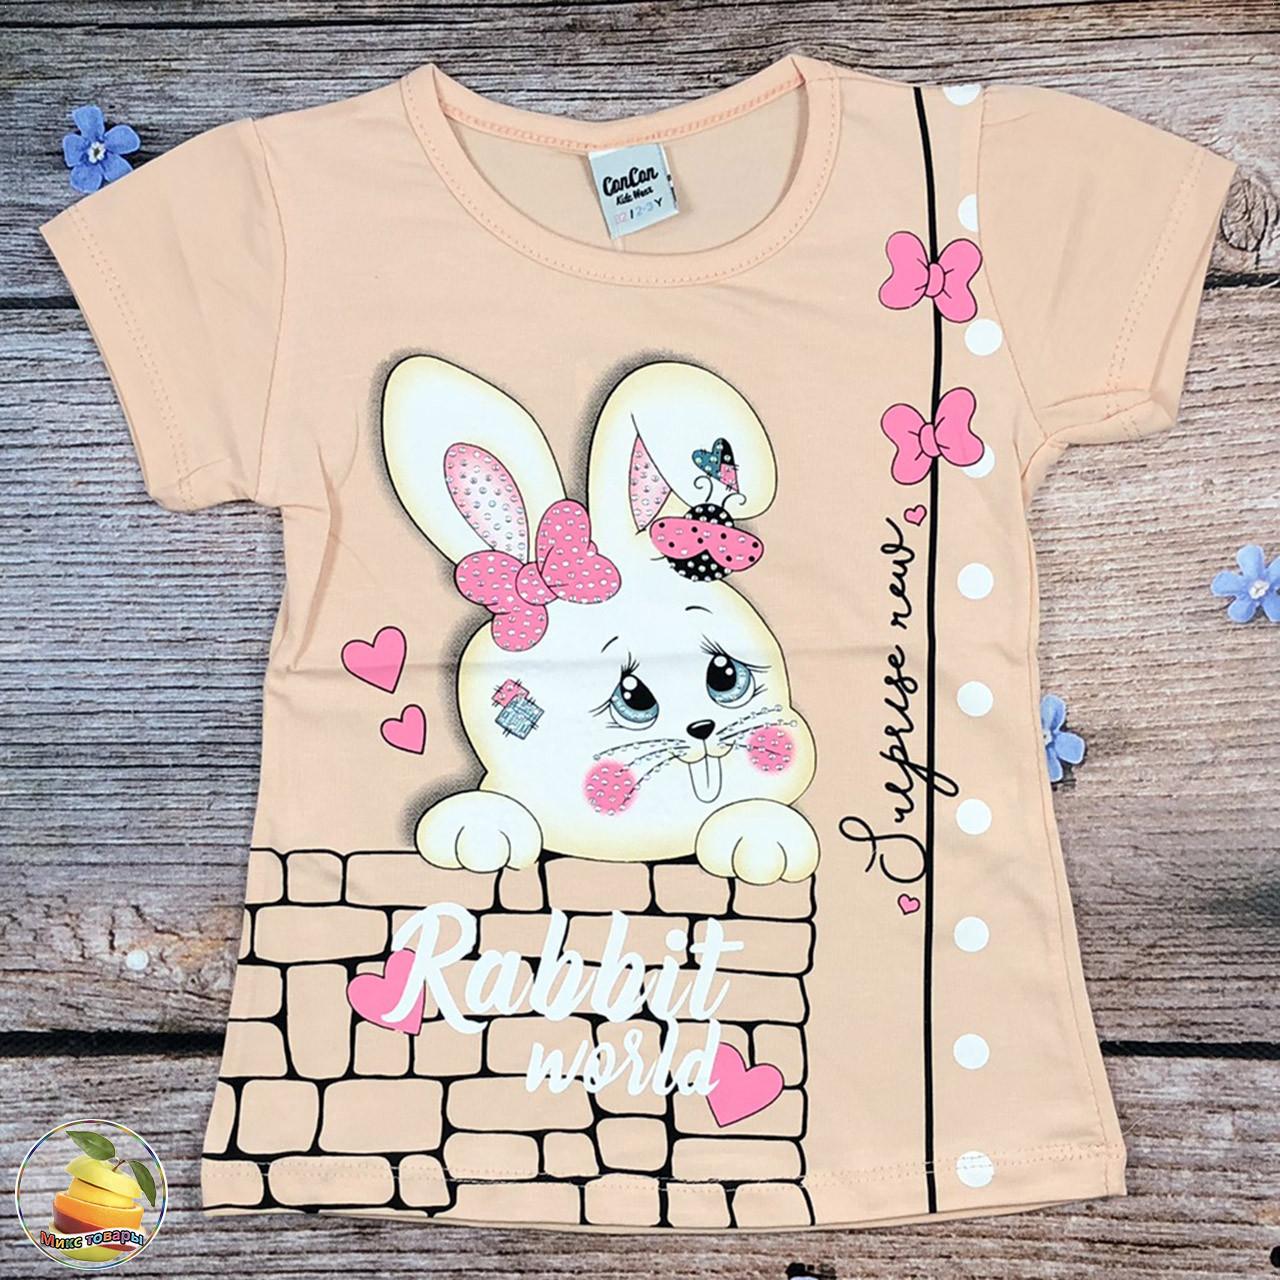 Детская футболка с зайчиком для девочки Размеры: 92,98,104,110 см (20106-1)